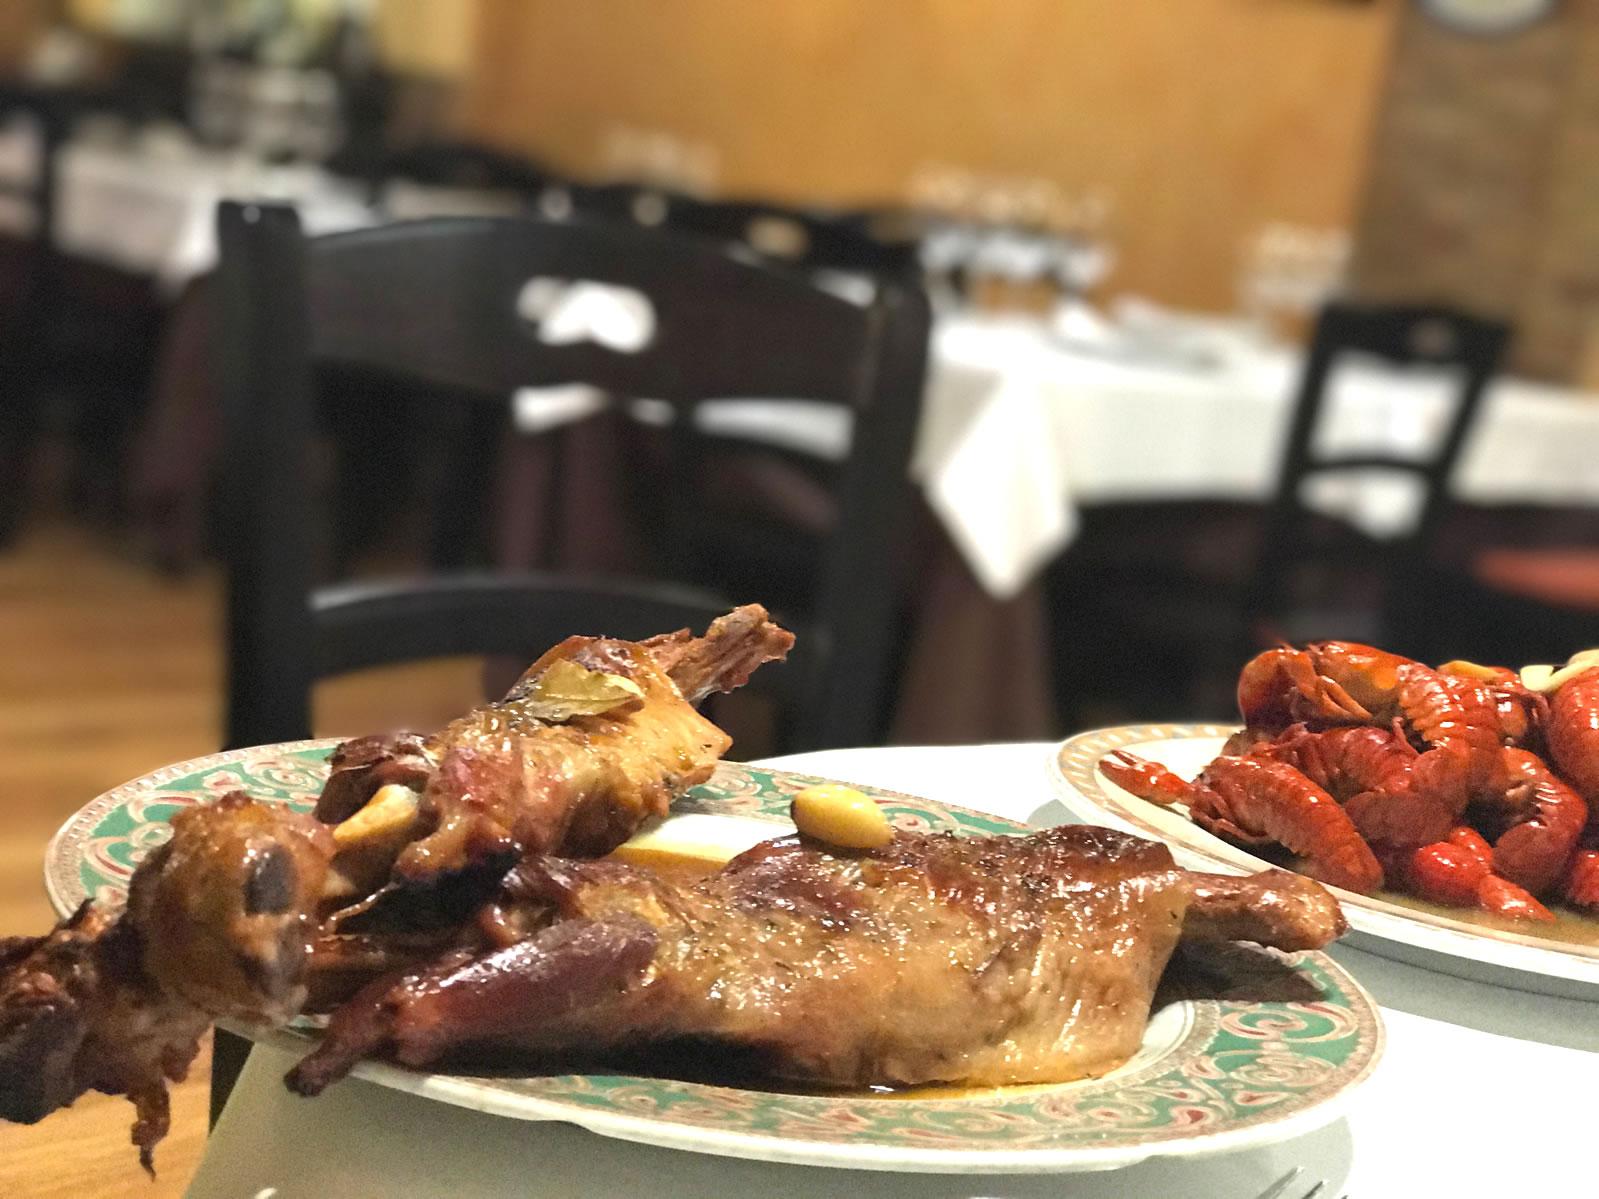 Restaurante Casa Garrido: Algunos platos de la carta del Restaurante Casa Garrido (Soria)